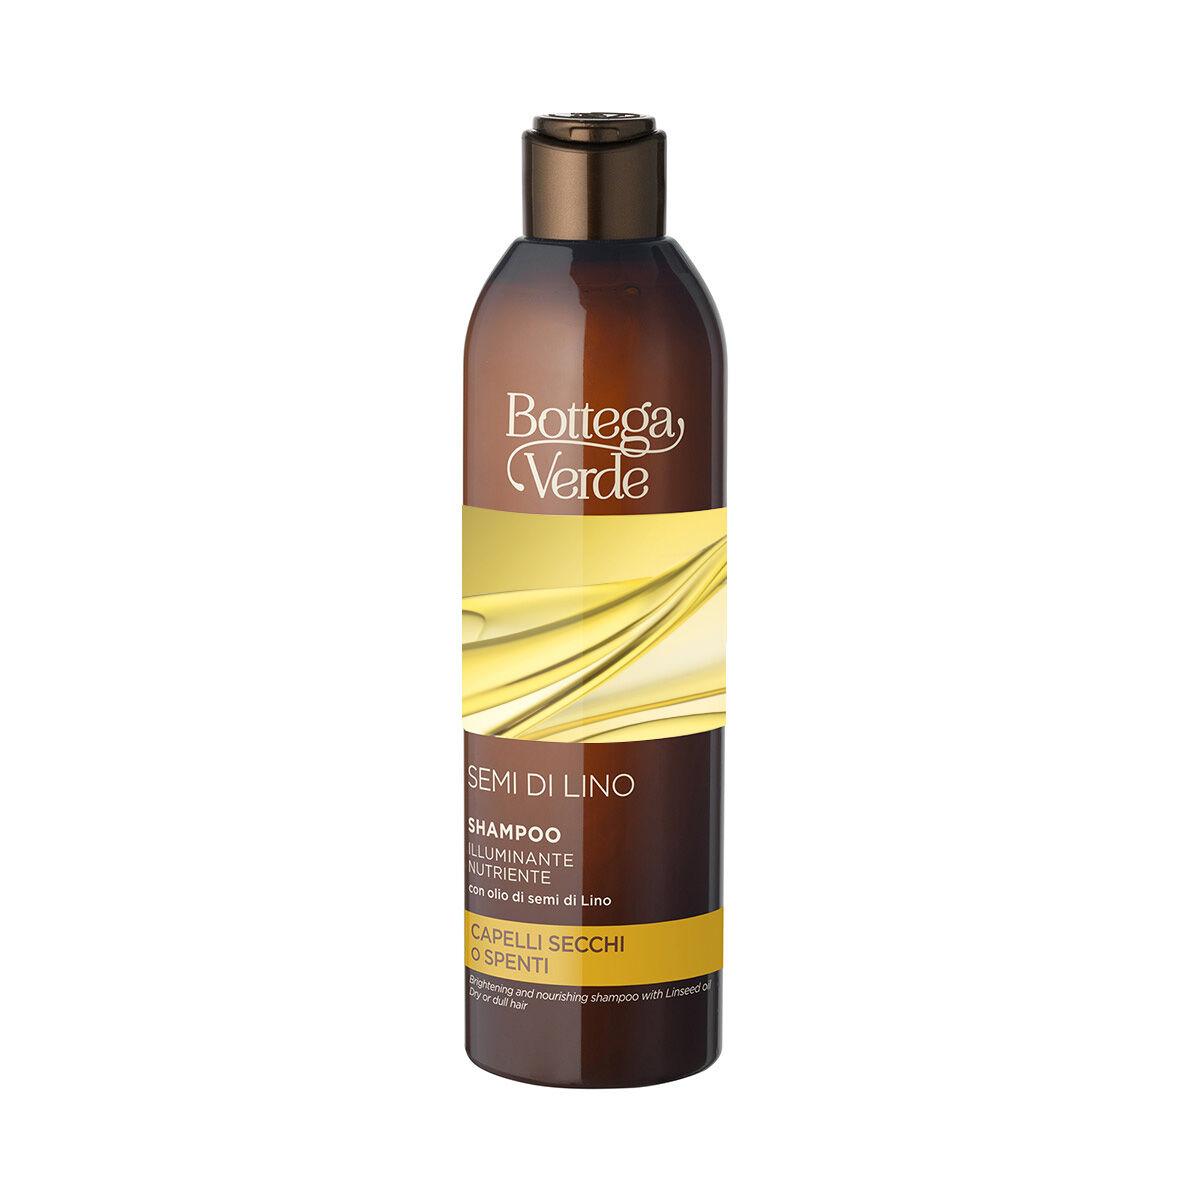 Bottega Verde Champú iluminador nutriente - con aceite de semillas de Lino (250 ml) - cabello seco o apagado